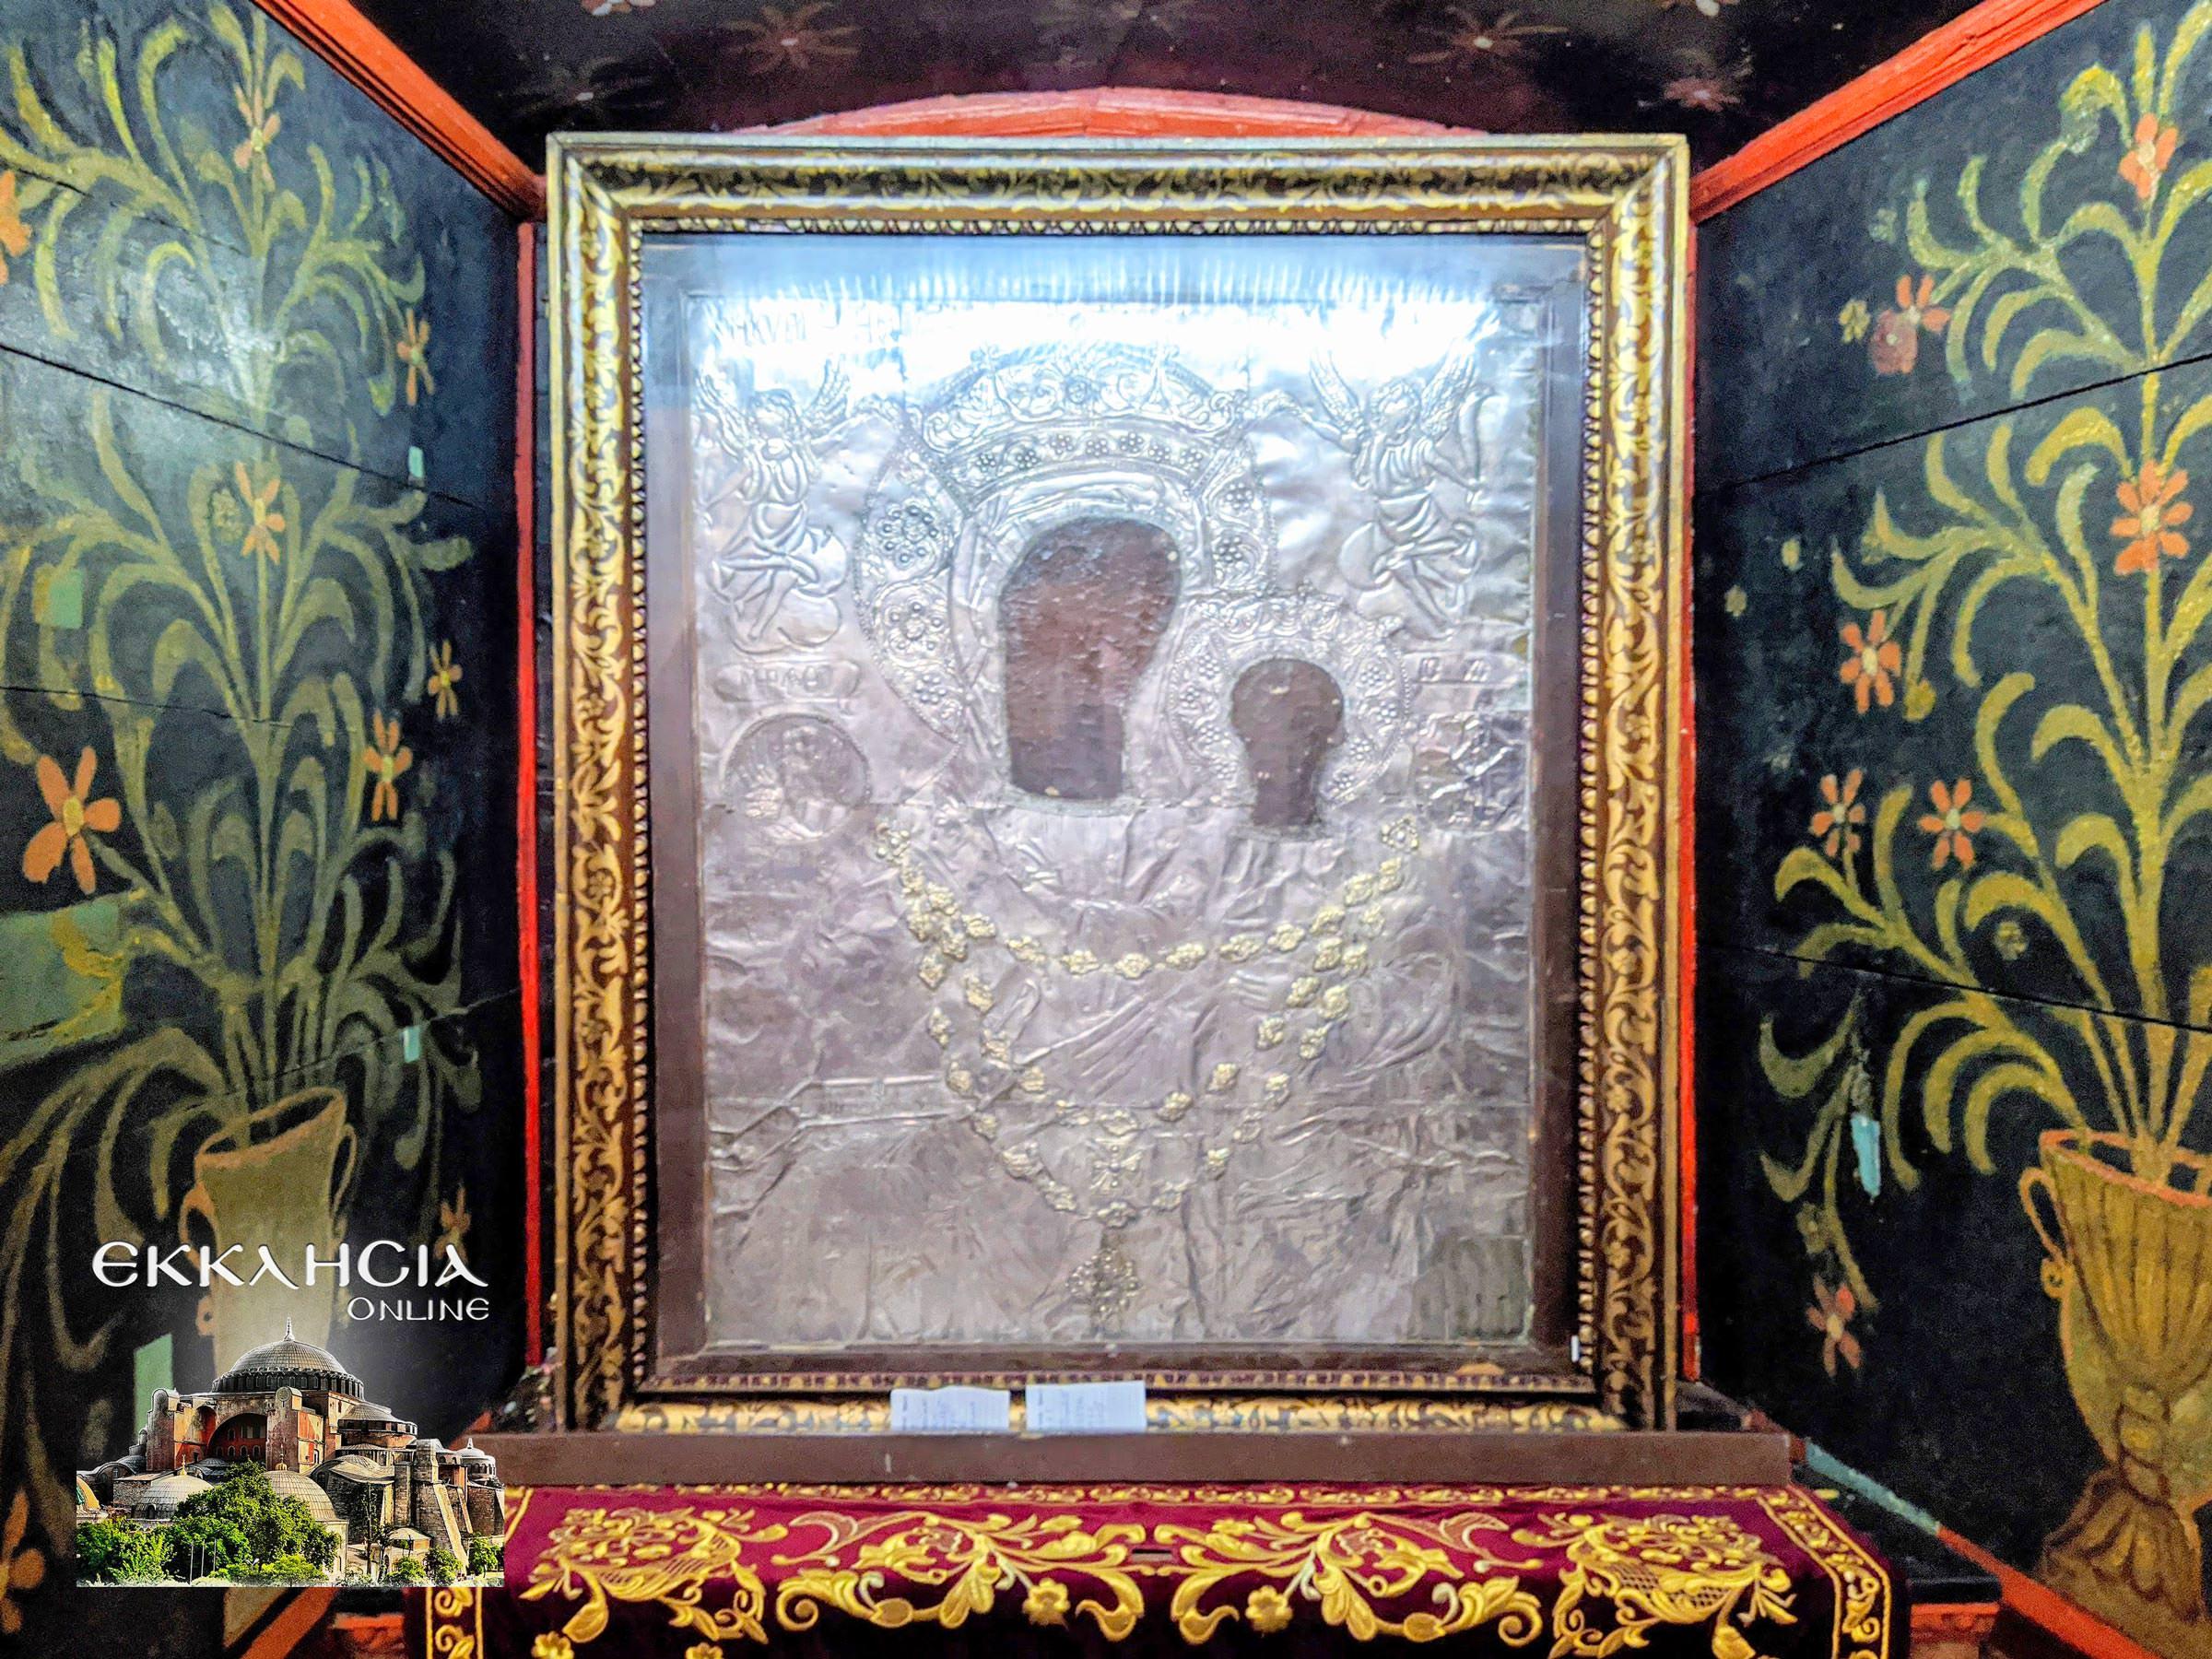 εικόνα της Παναγίας της Μυρτιδιώτισσας